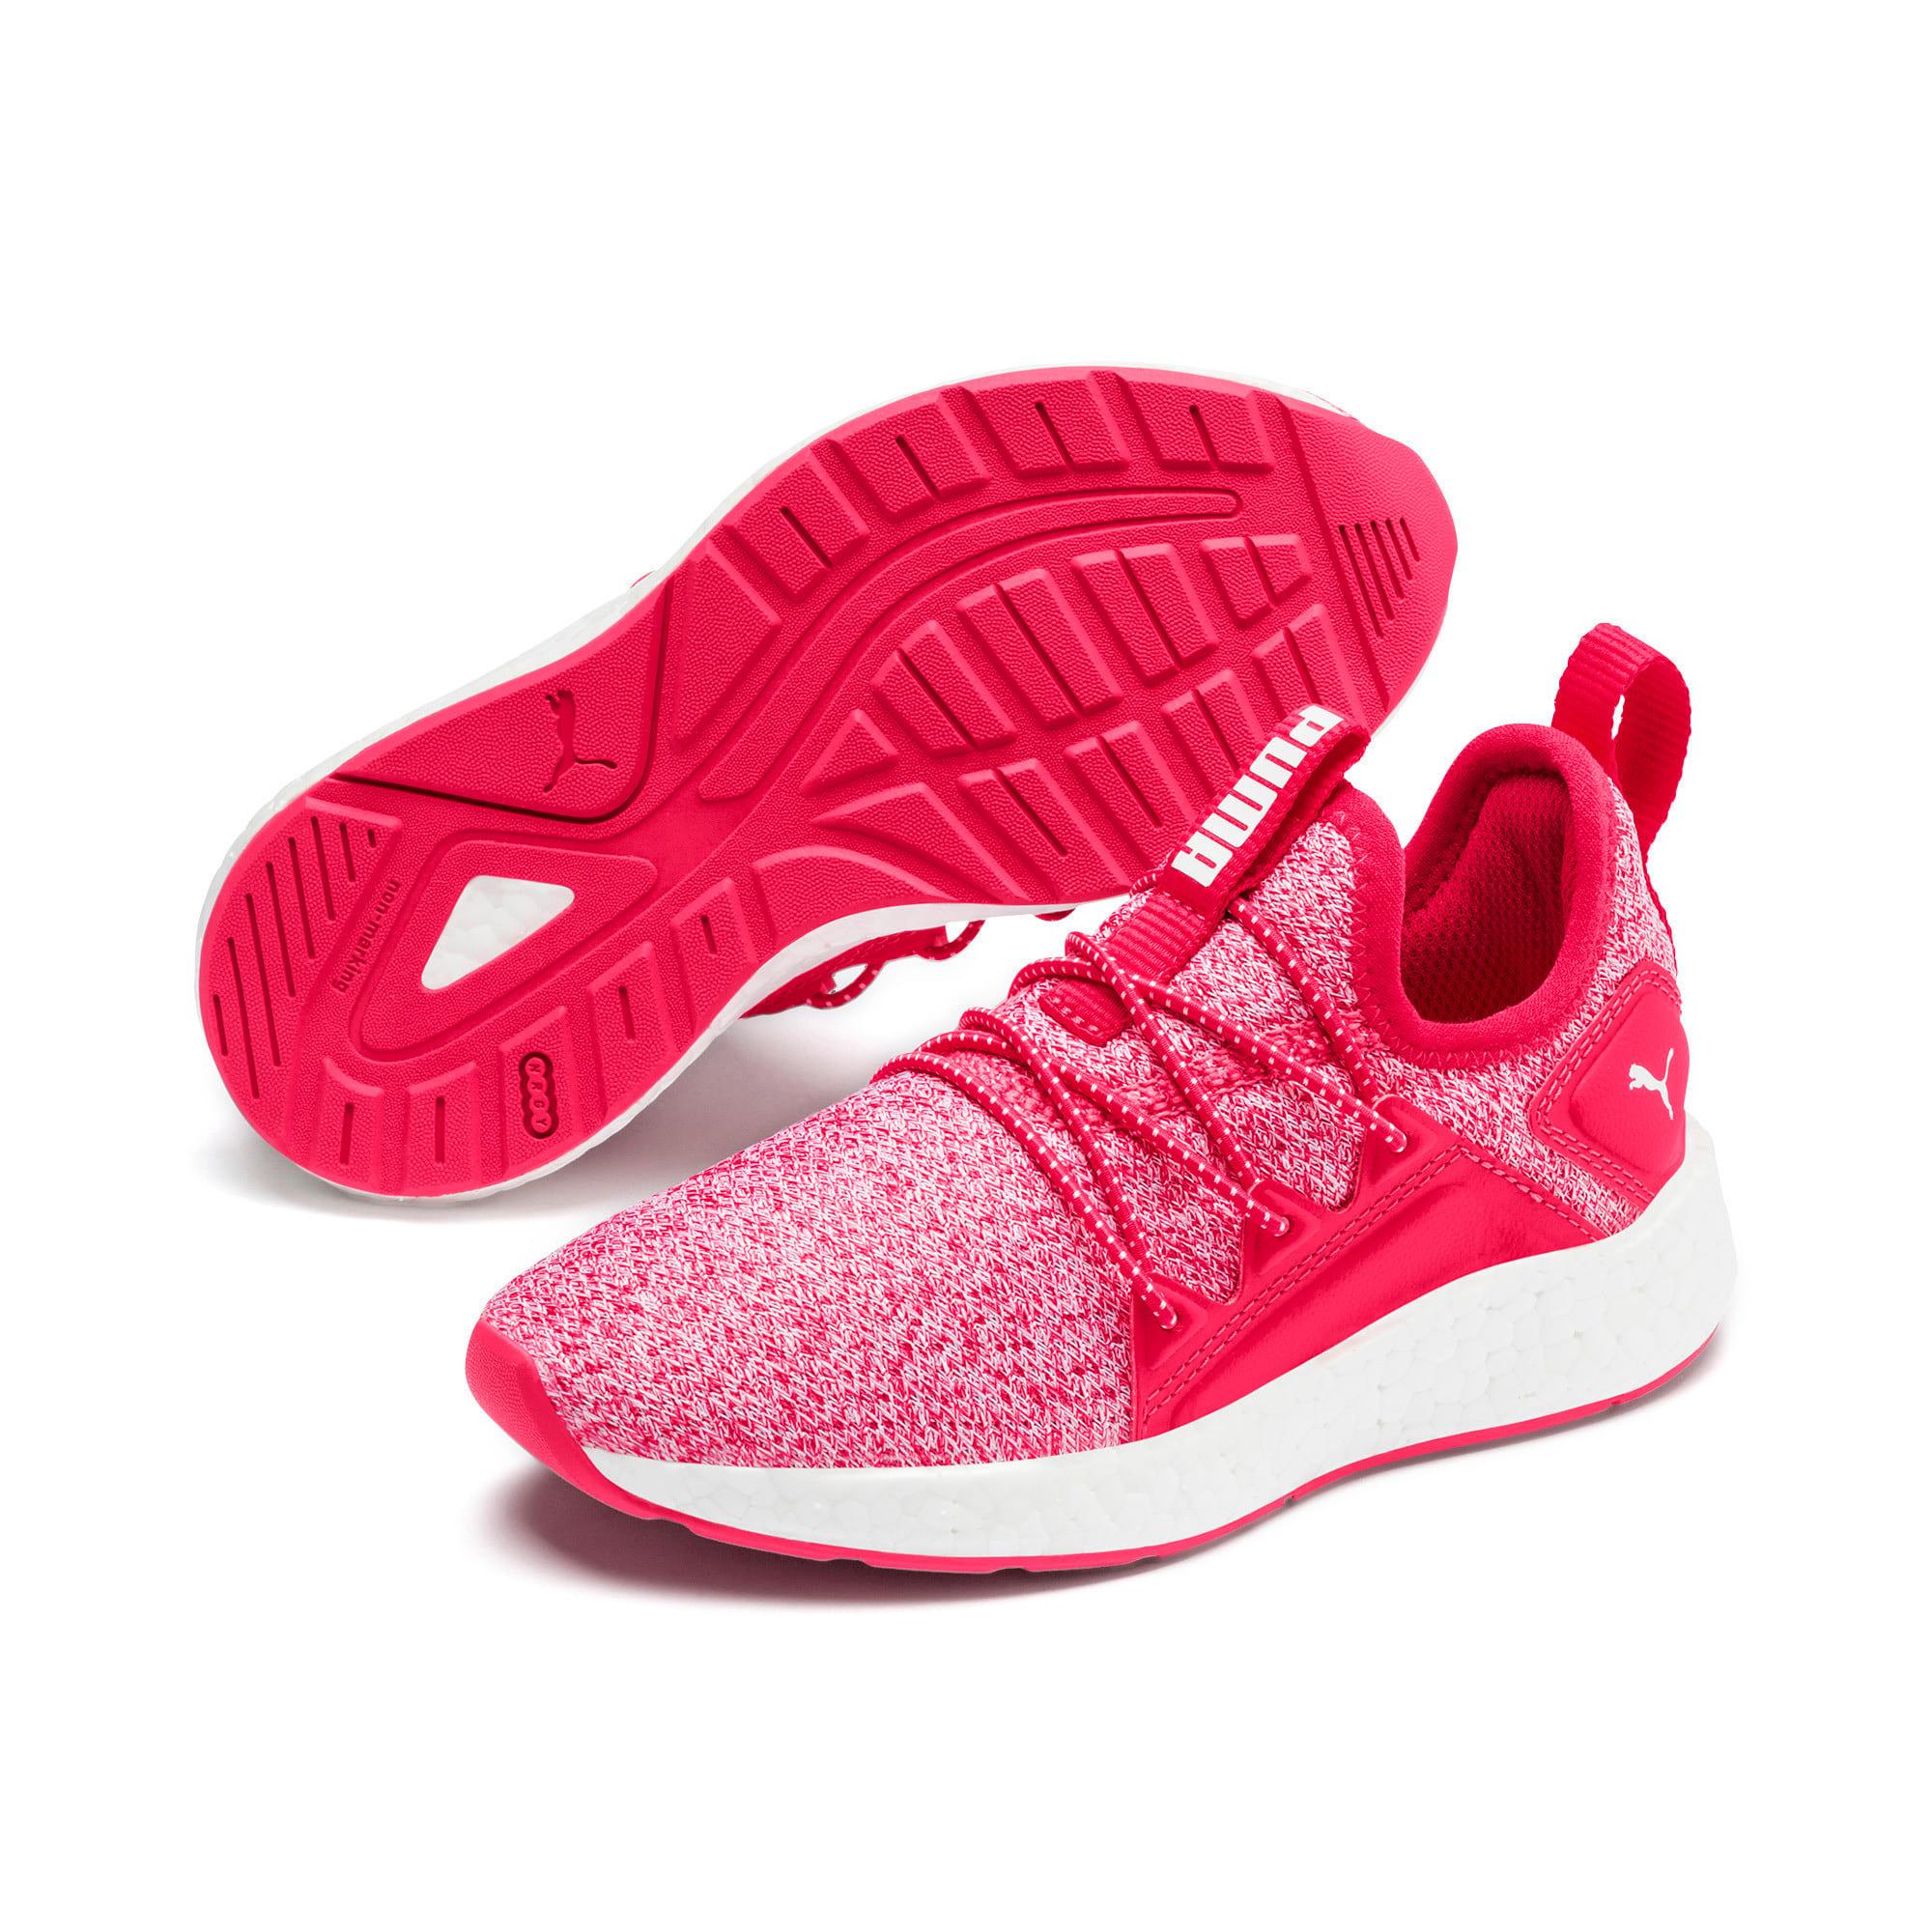 Miniatura 2 de Zapatos de punto NRGY Neko para PS, Nrgy Rose-Puma White, mediano